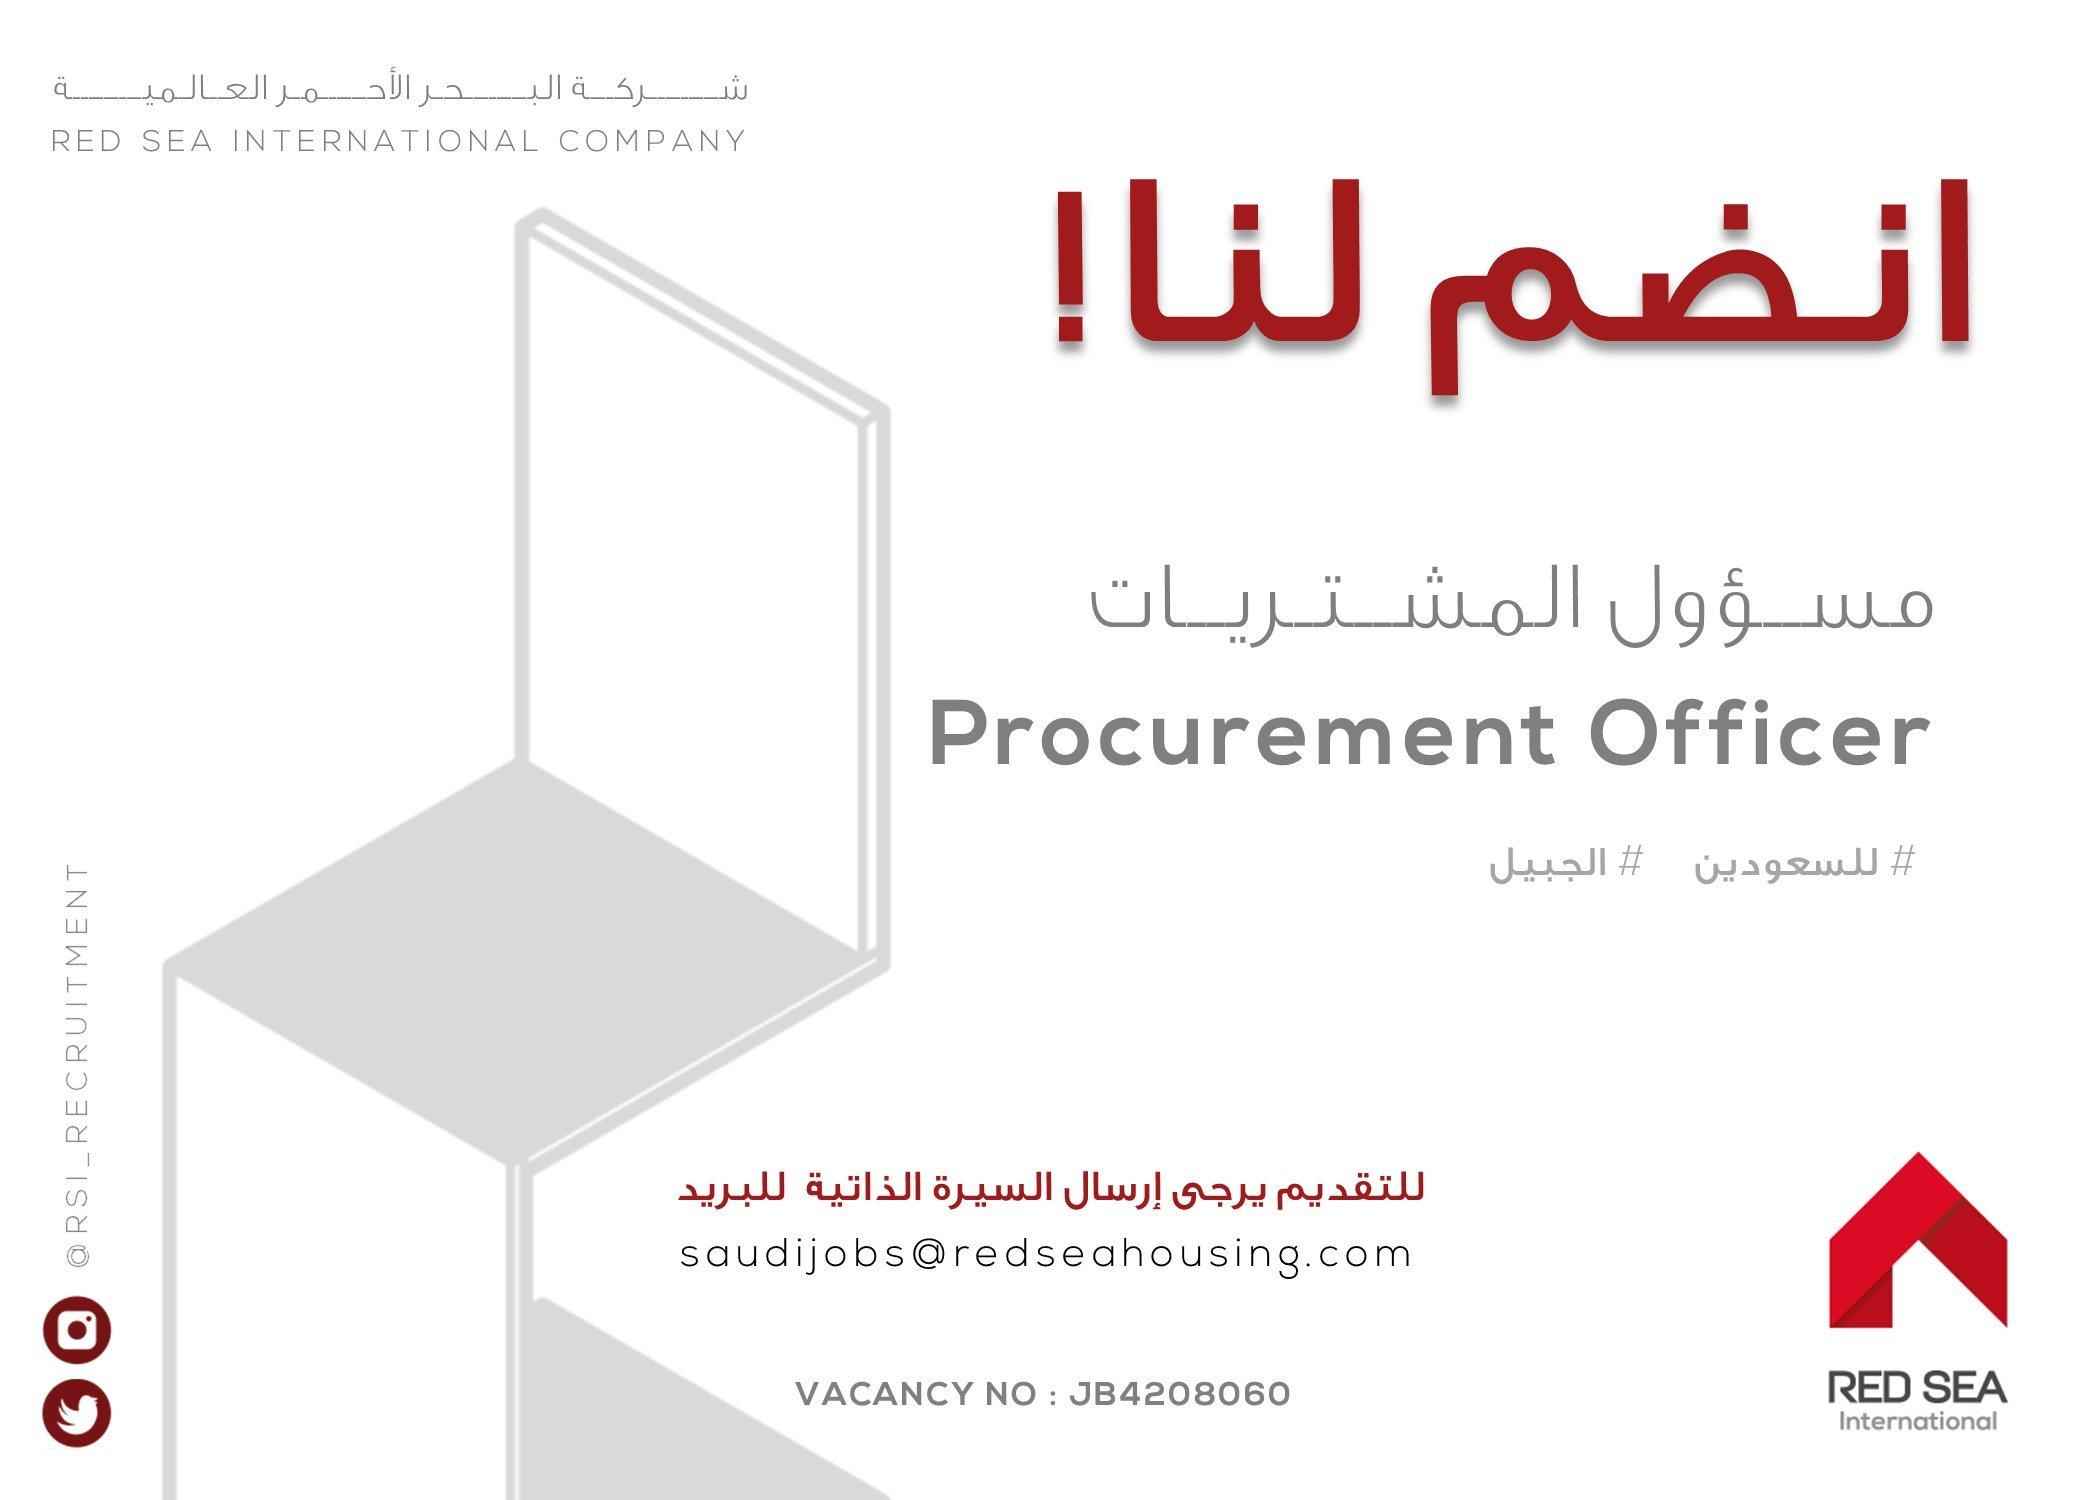 شاغر وظيفي للسعوديين في شركة البحر الأحمر العالمية بمدينة #الجبيل   - مسؤول مشتريات   للتقديم يرجى إرسال السيرة الذاتية للبريد : Saudijobs@redseahousing.com   #وظائف_شاغرة  #الجبيل_الصناعية